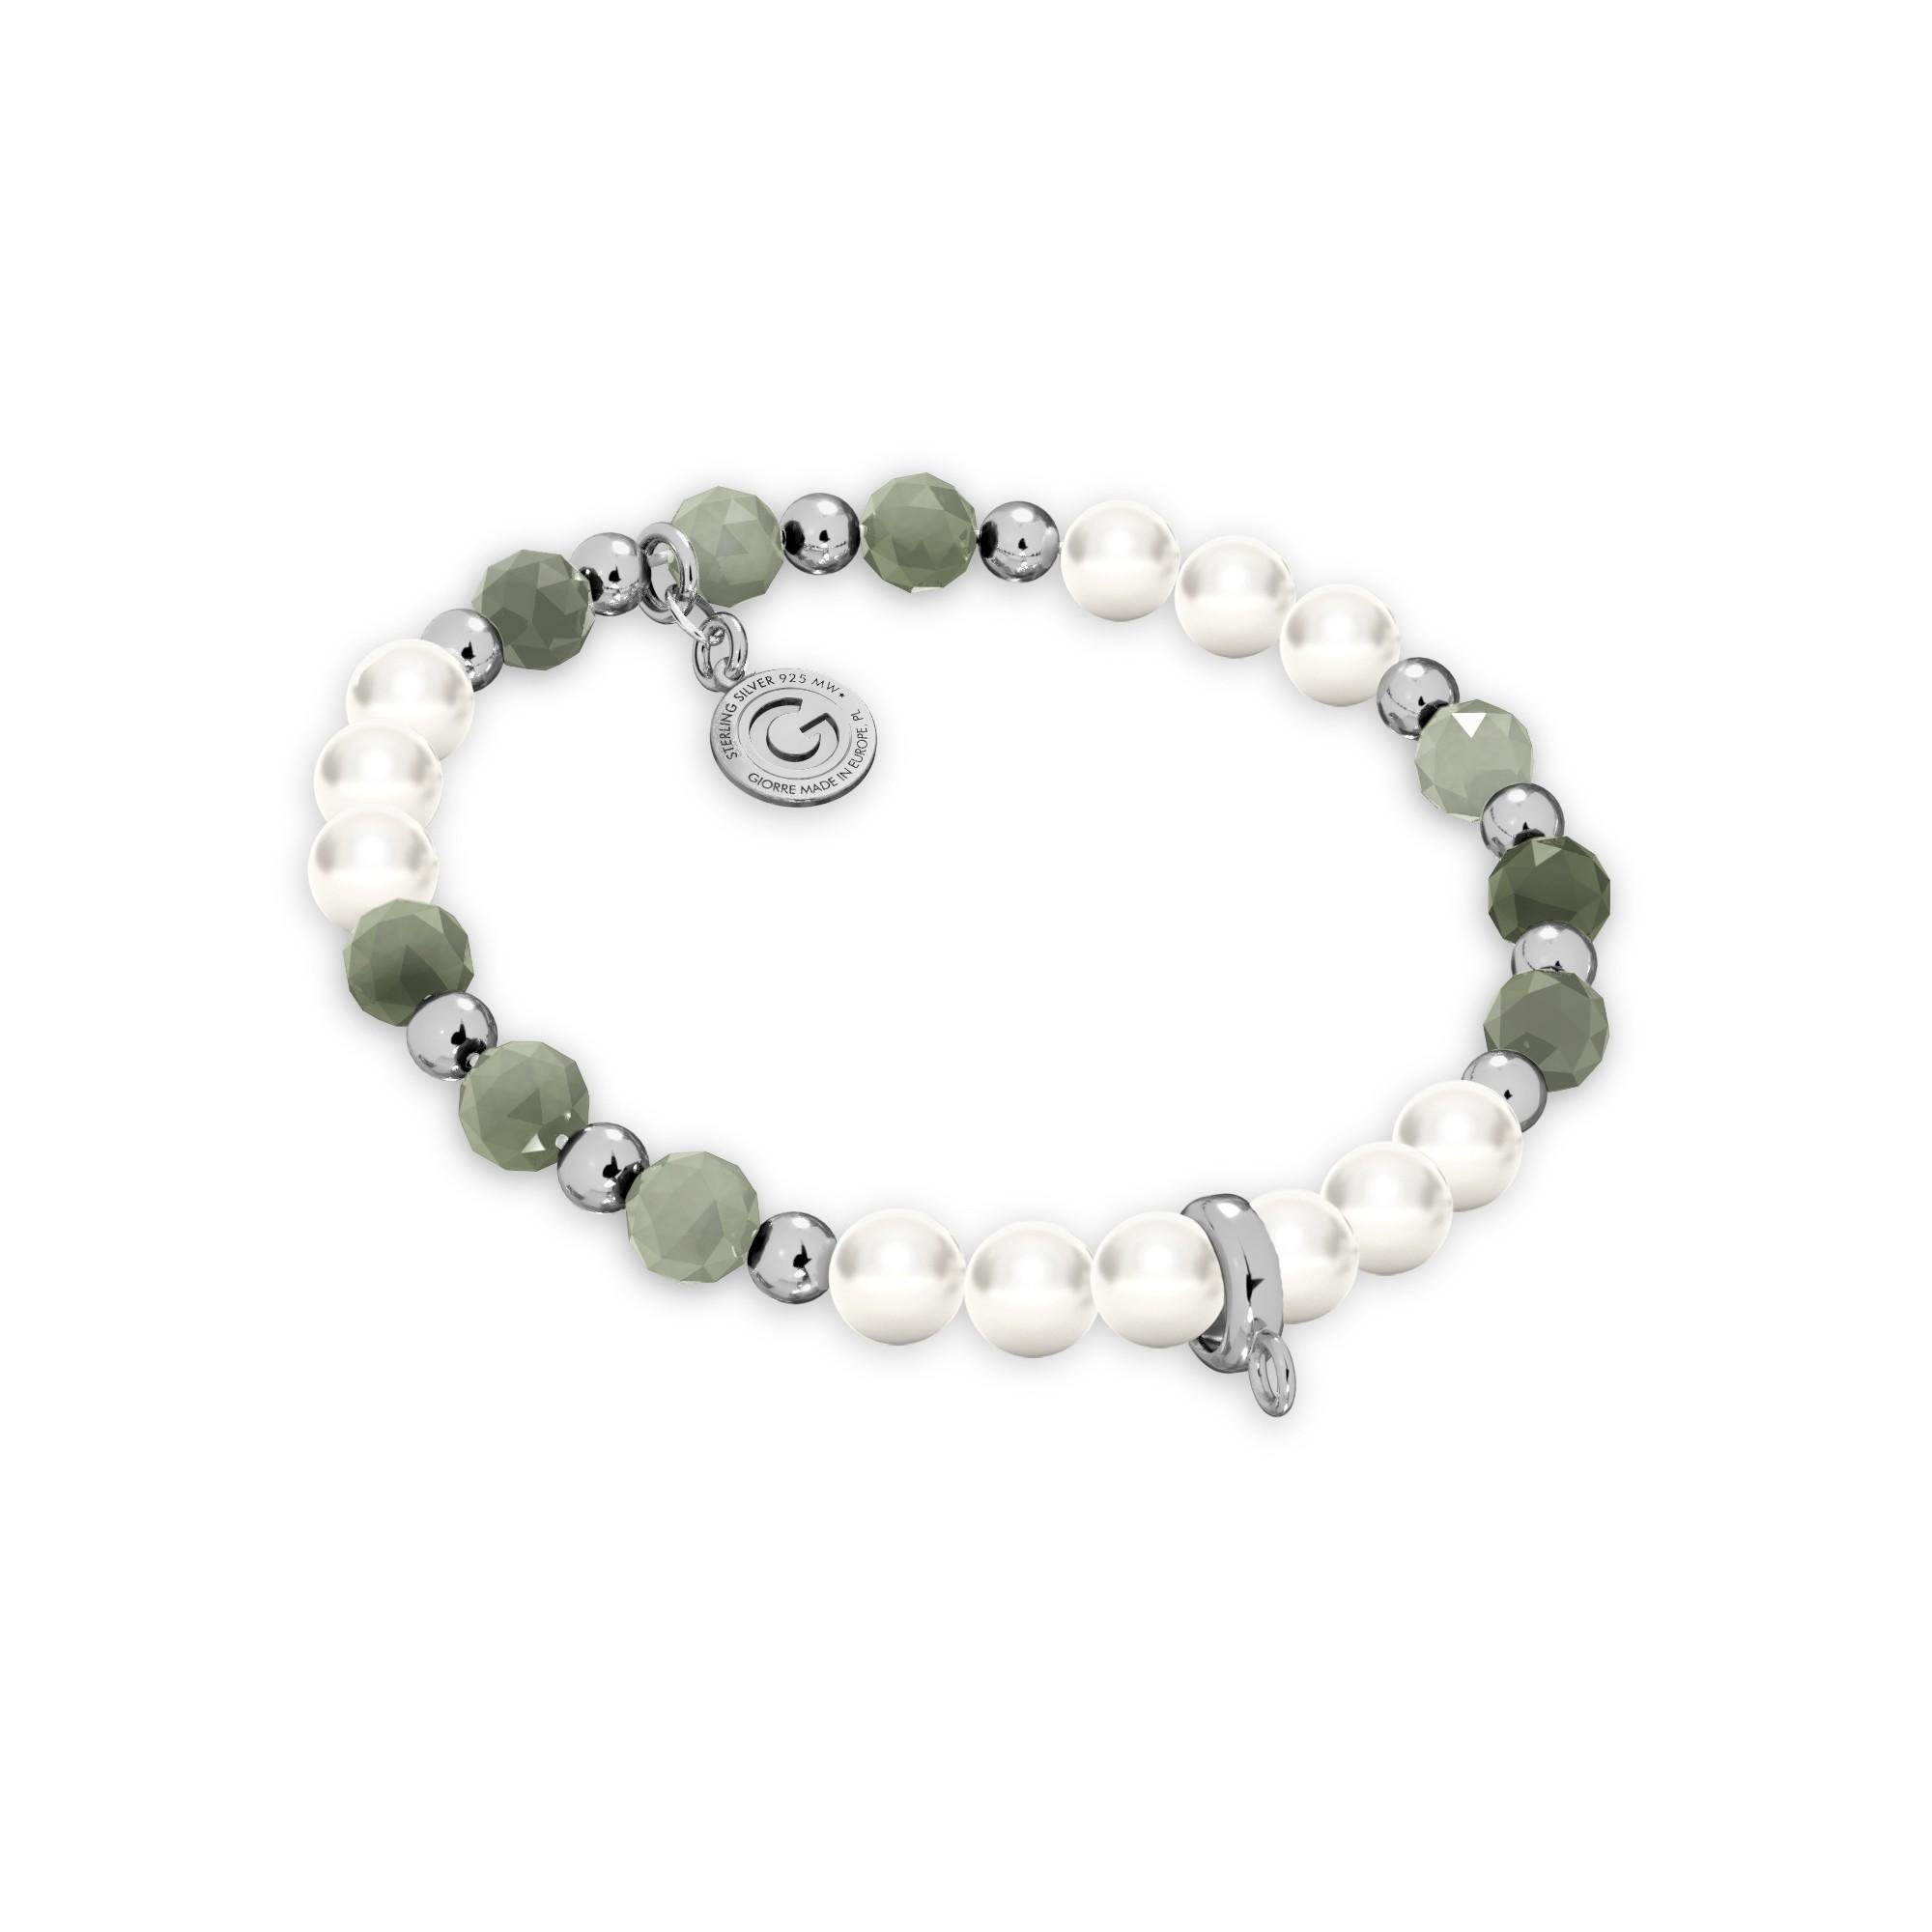 Szmaragdowa bransoletka z perłami do podwieszania charmsów, srebro 925